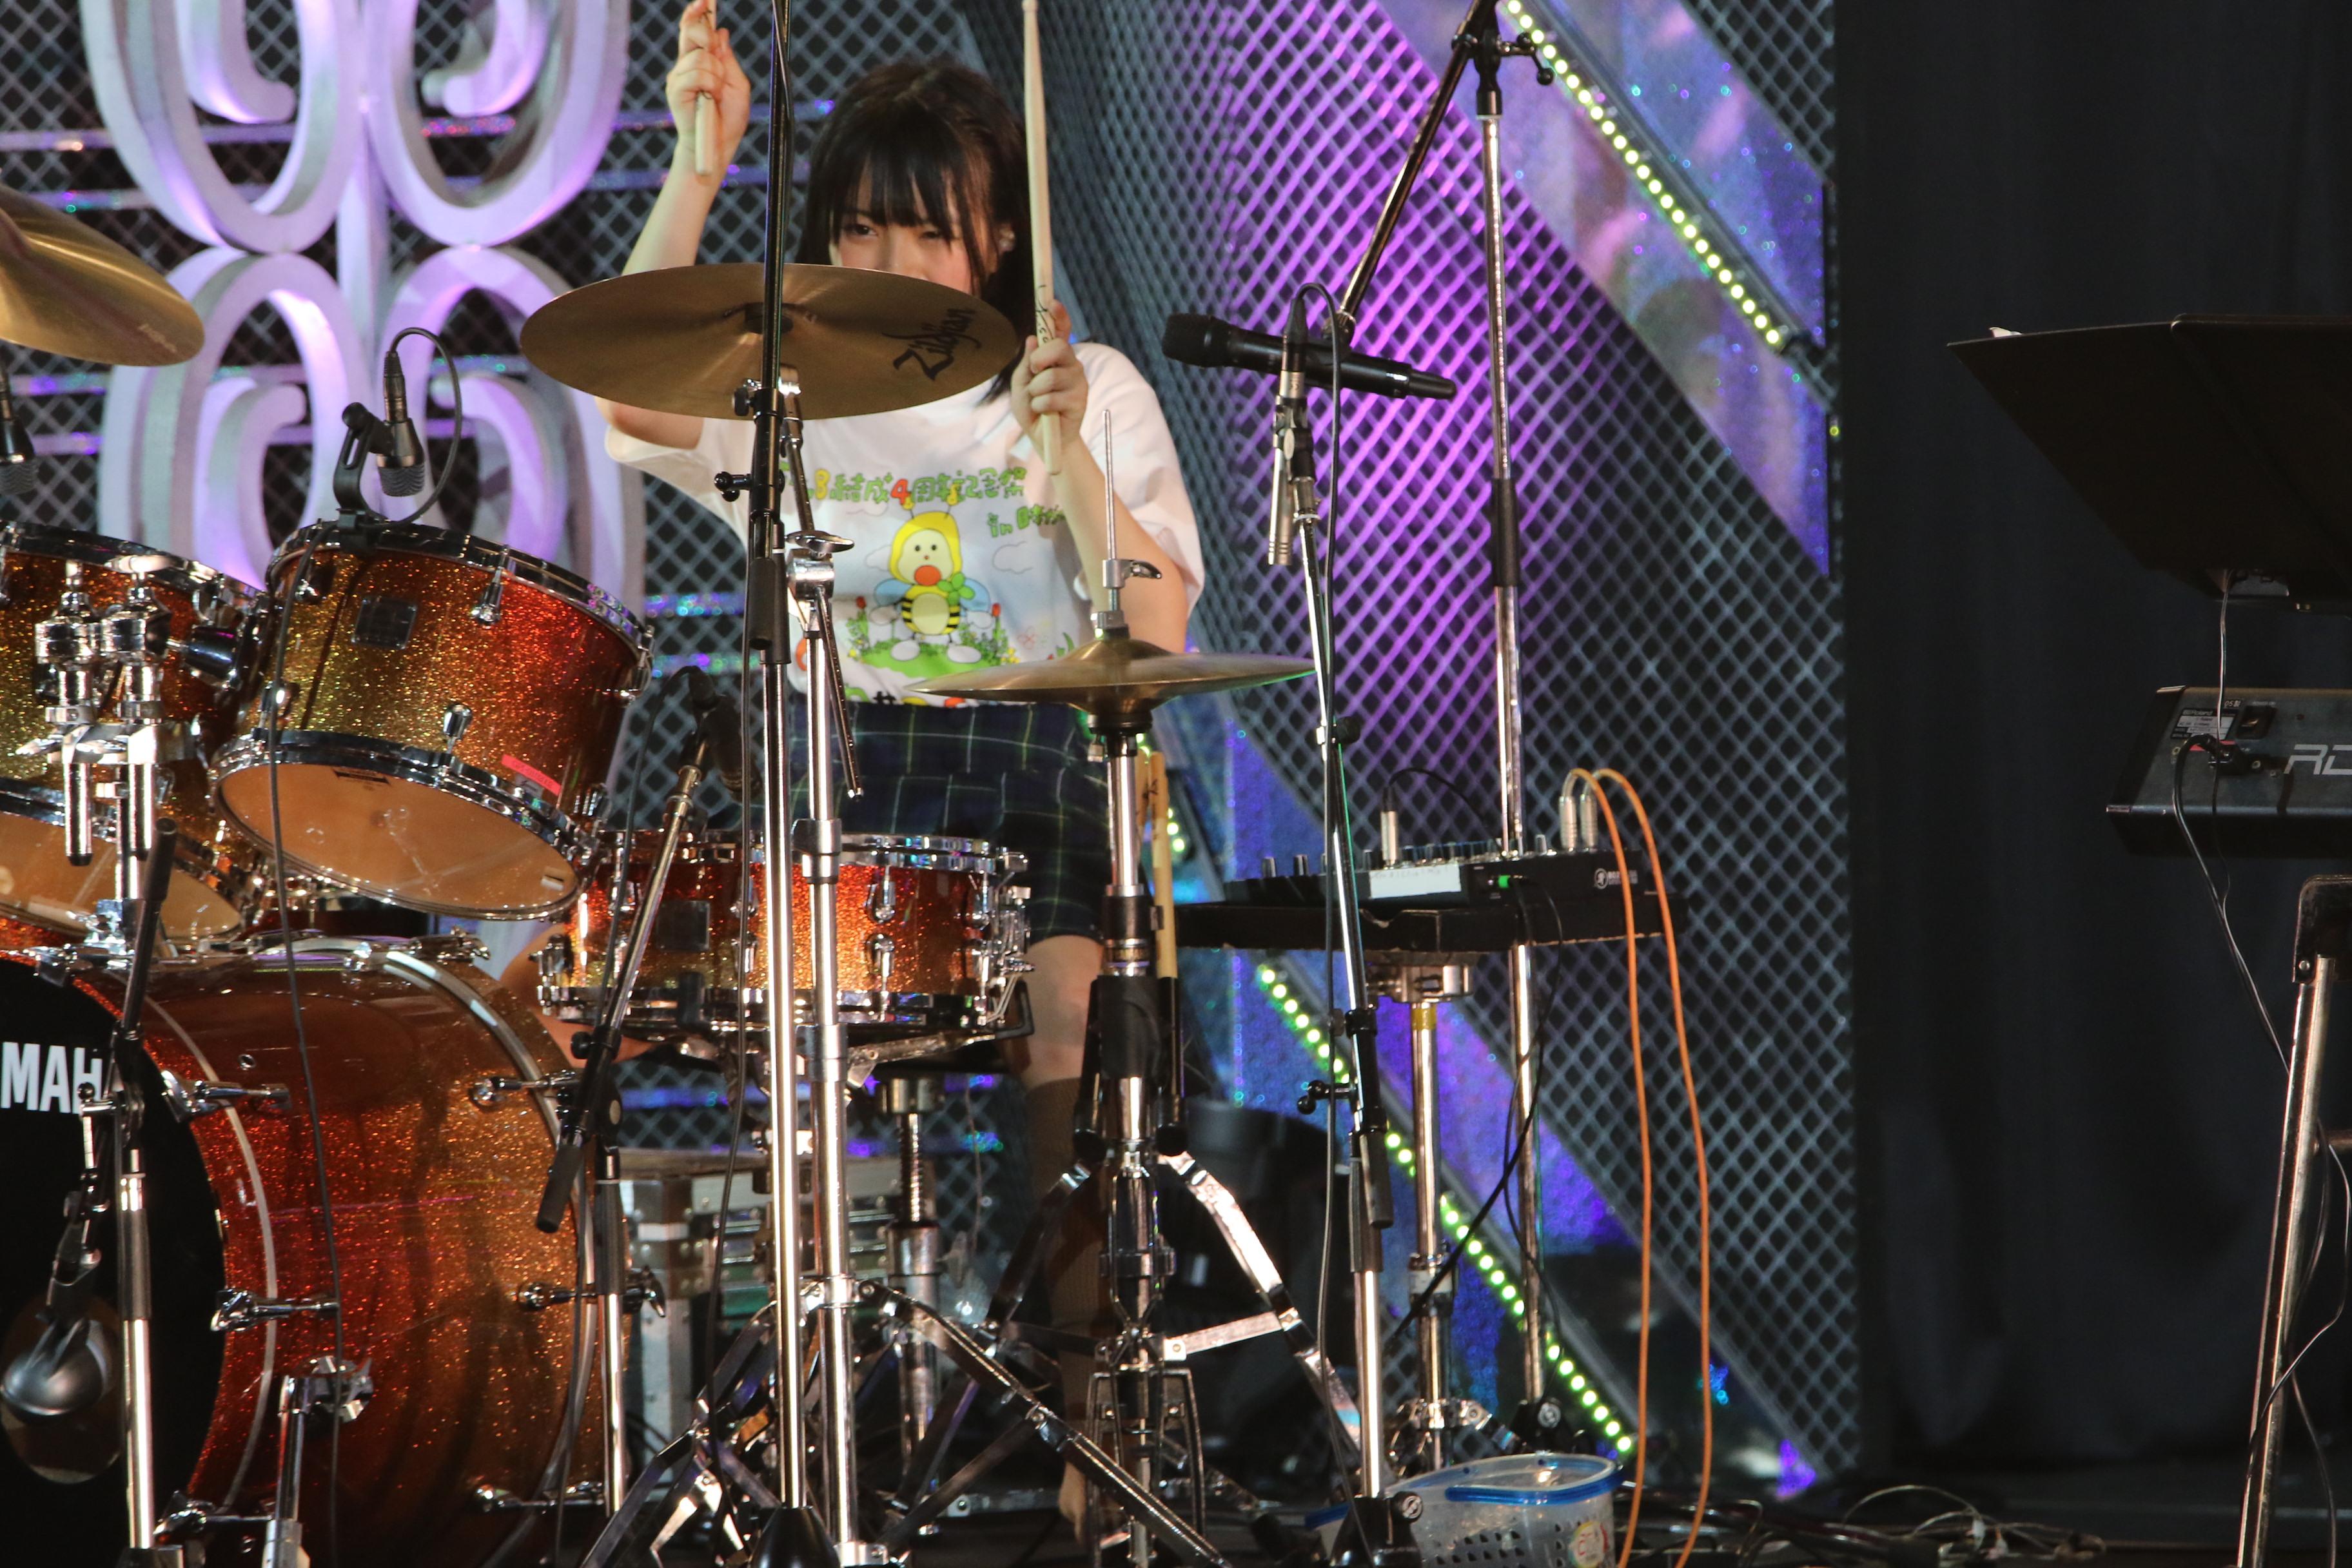 「チーム8結成4周年記念祭 in 日本ガイシホール しあわせのエイト祭り」でドラムを披露する下青木(2018年4月)